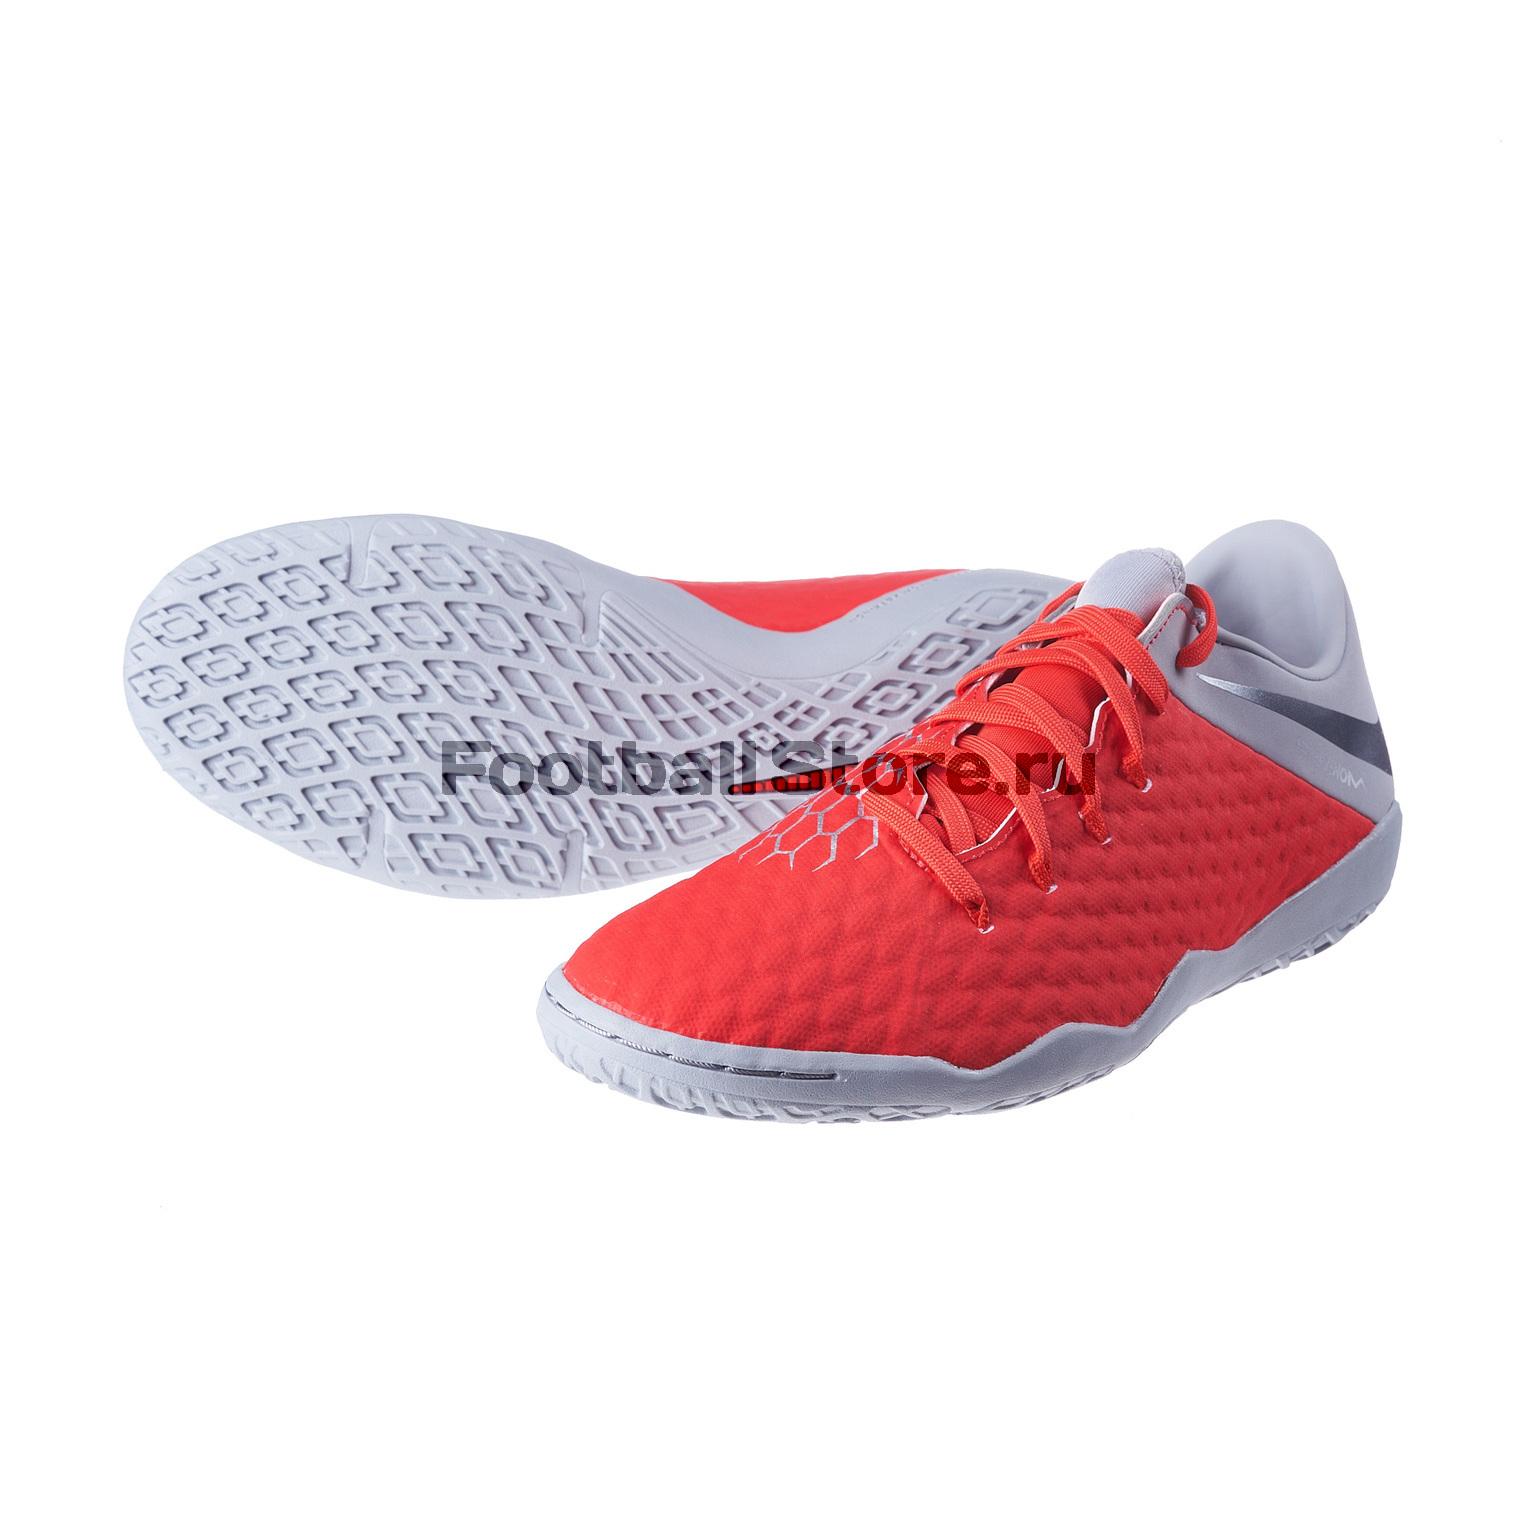 fe2ff9864 Футзалки Nike Hypervenom 3 Academy IC AJ3814-600 обувь для зала nike  hypervenom 3 academy